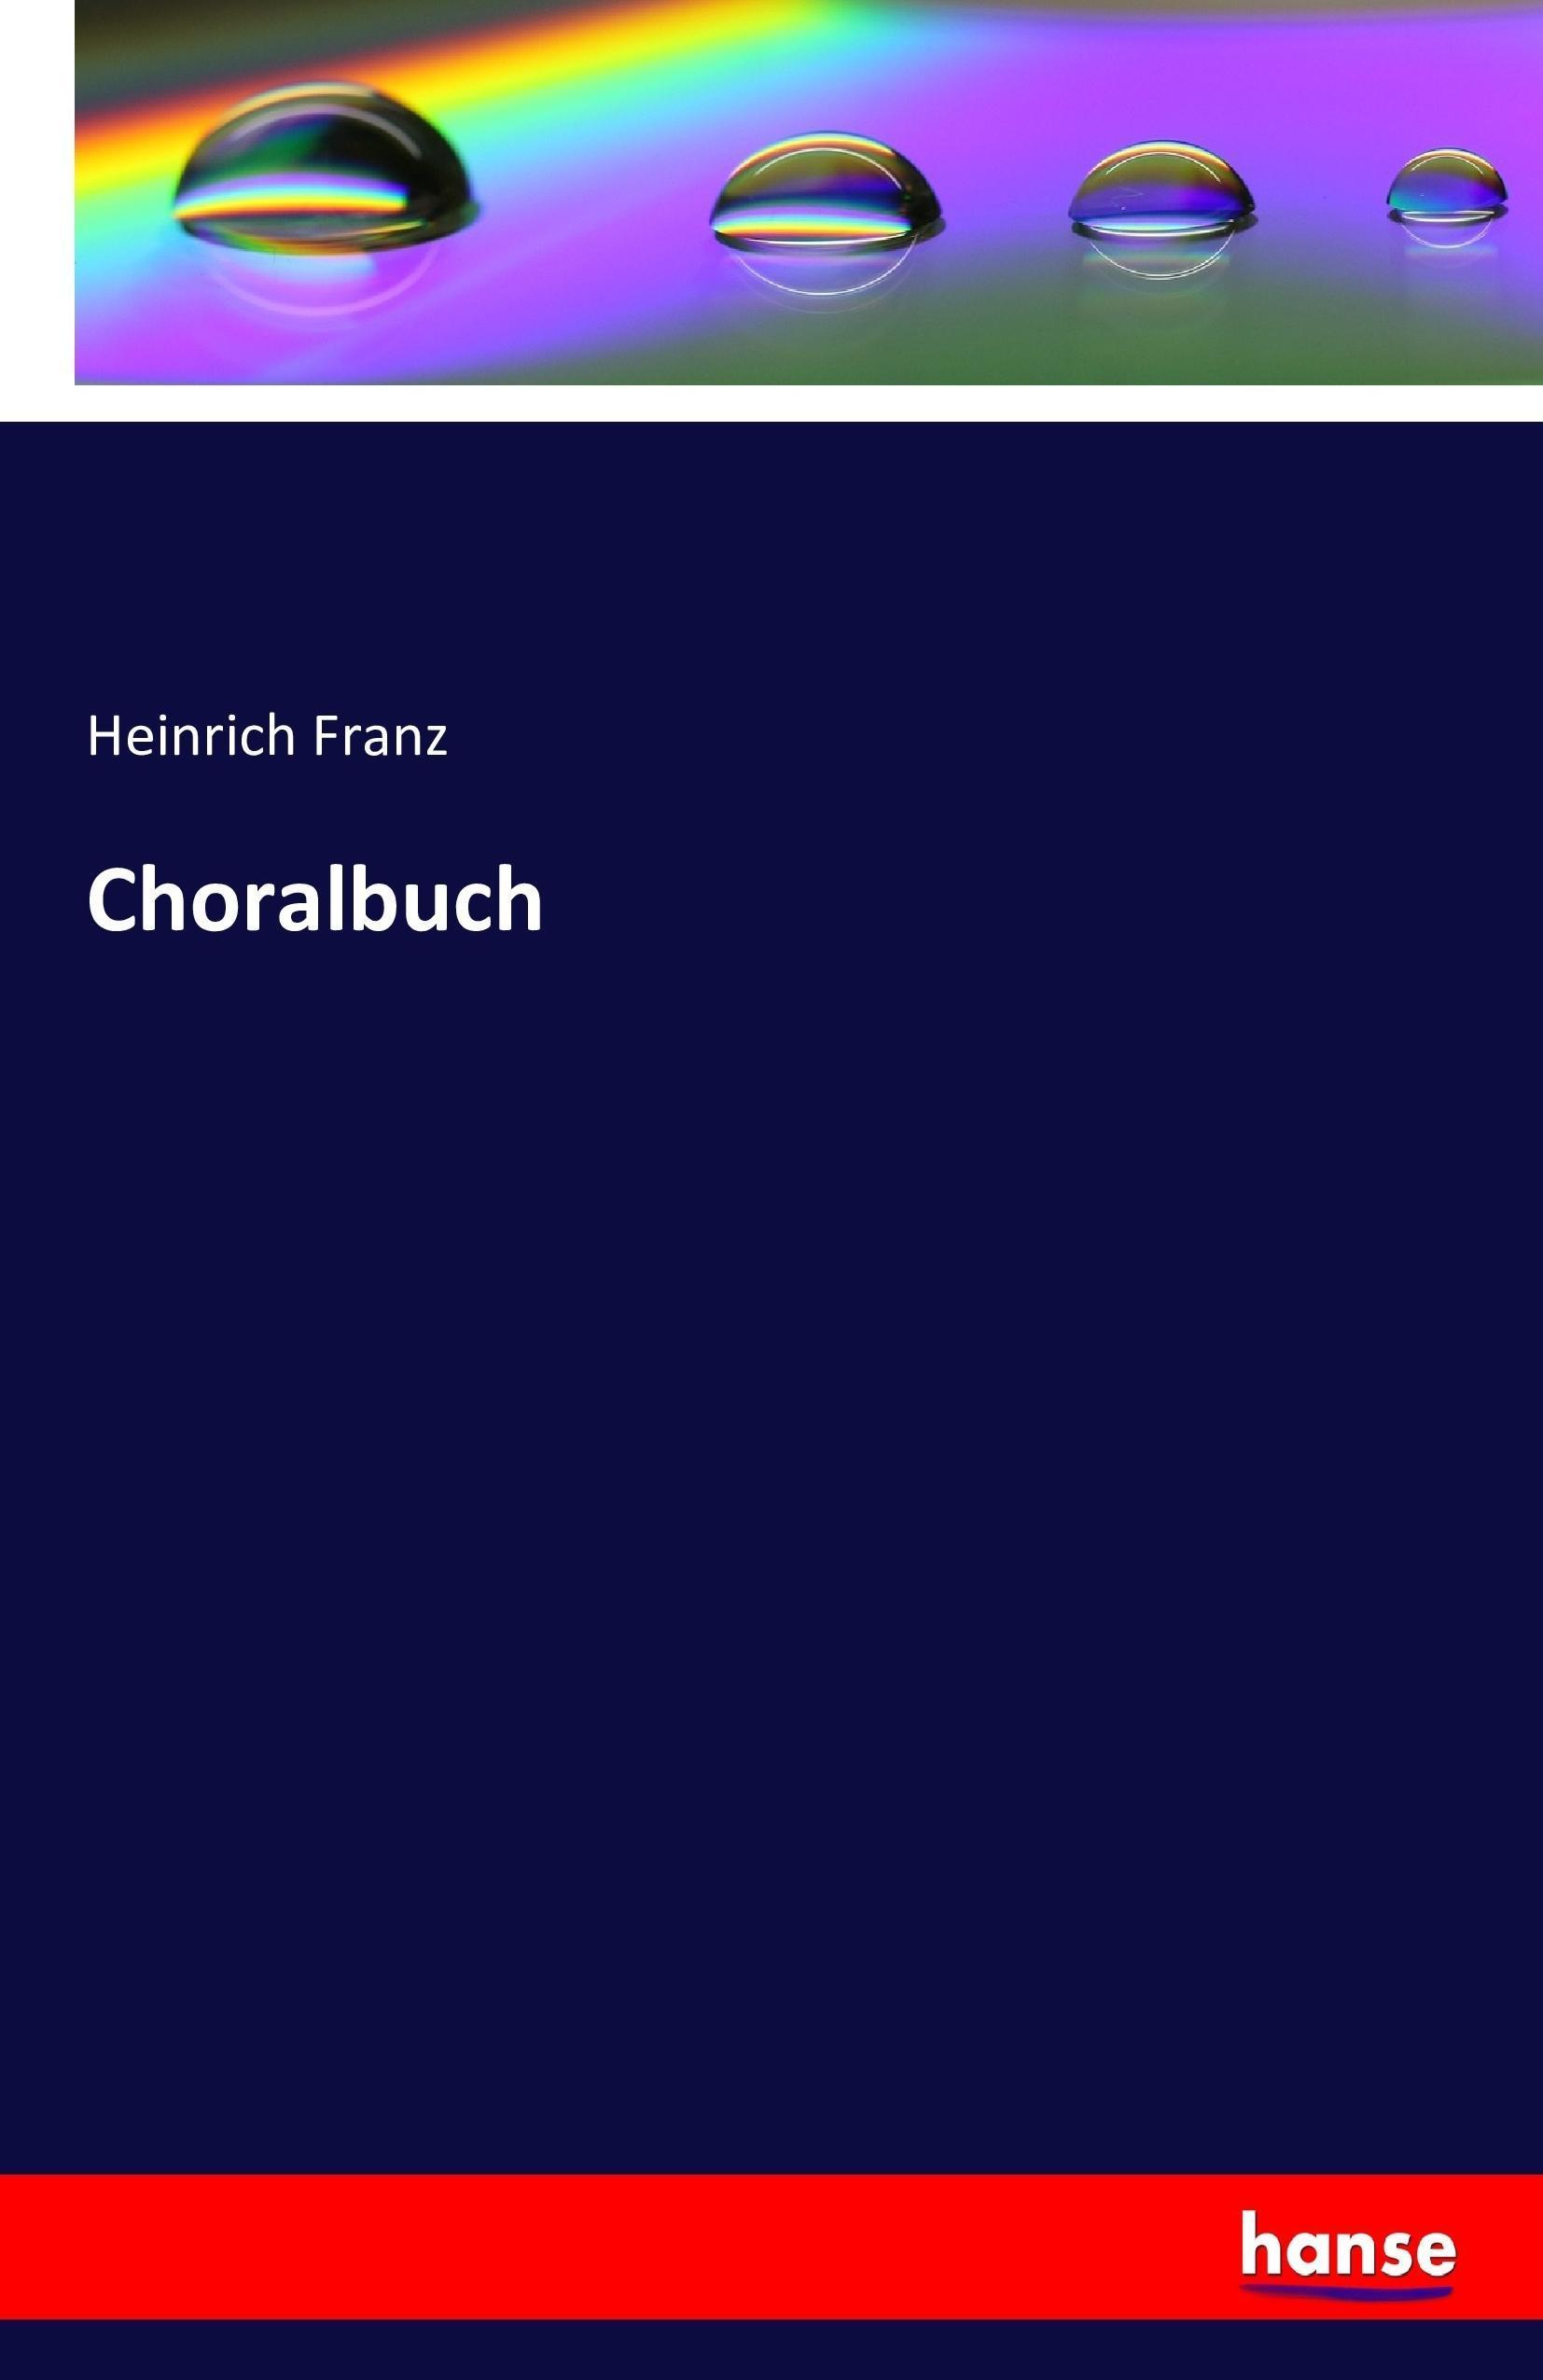 Choralbuch - Heinrich Franz -  9783742844668